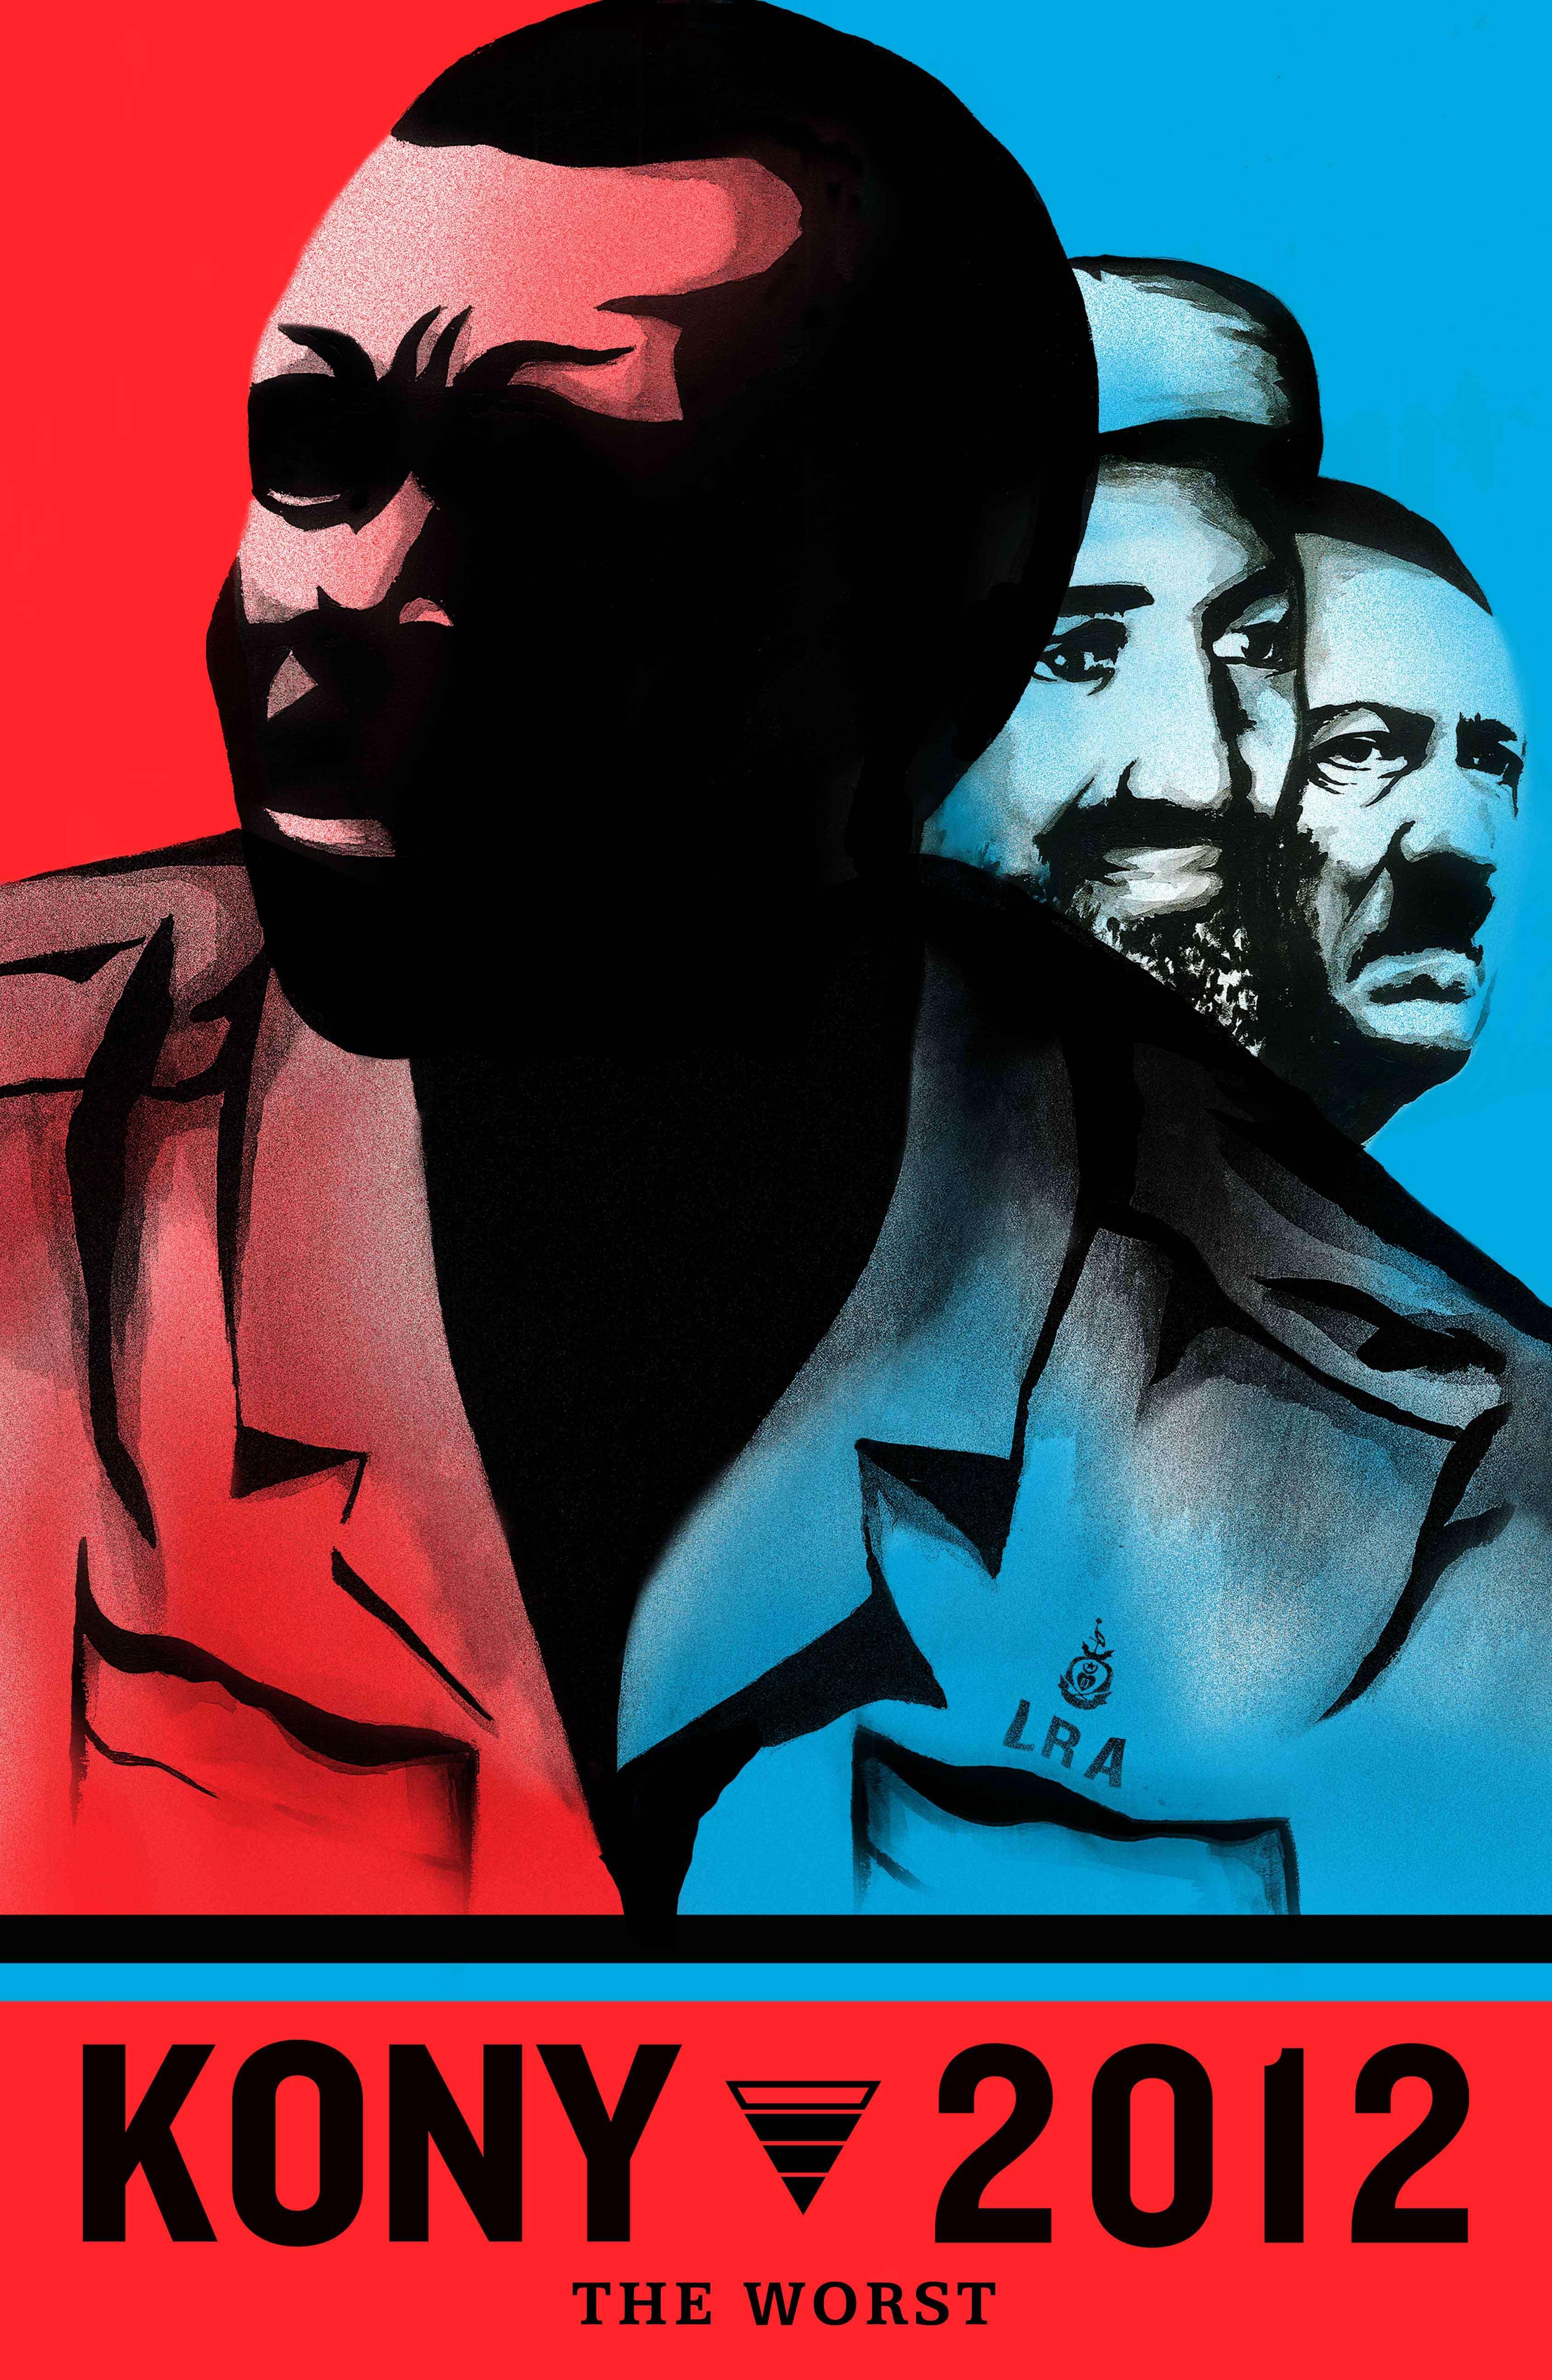 Joseph Kony, Osama bin Laden, Hitler